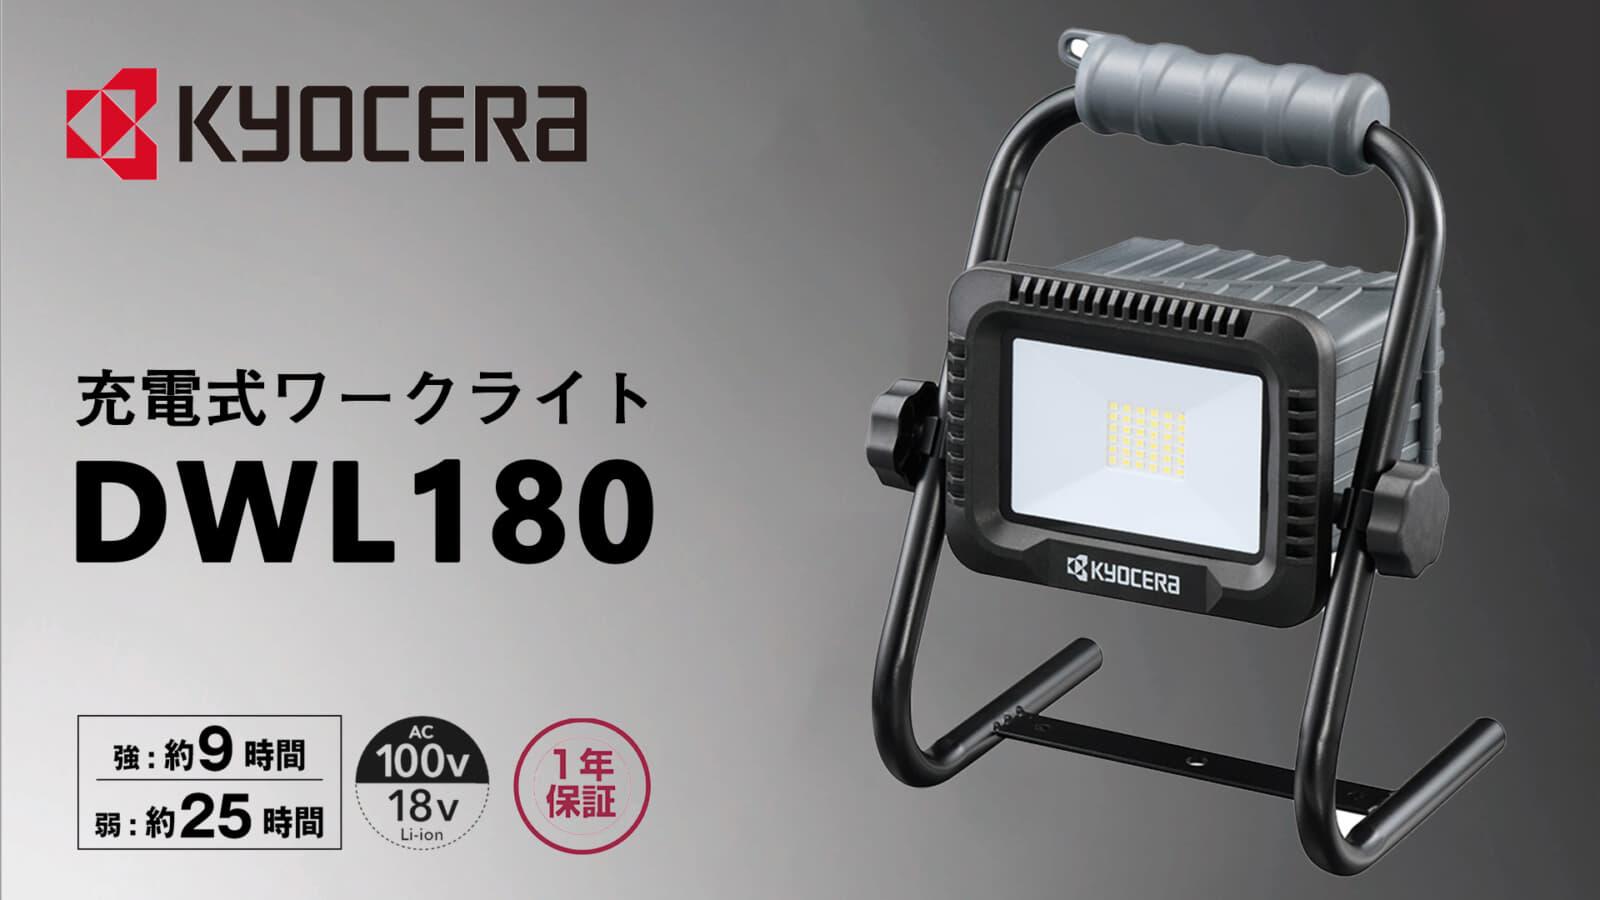 京セラ DWL180 充電式ワークライトを発売、RYOBIバッテリー初の投光器